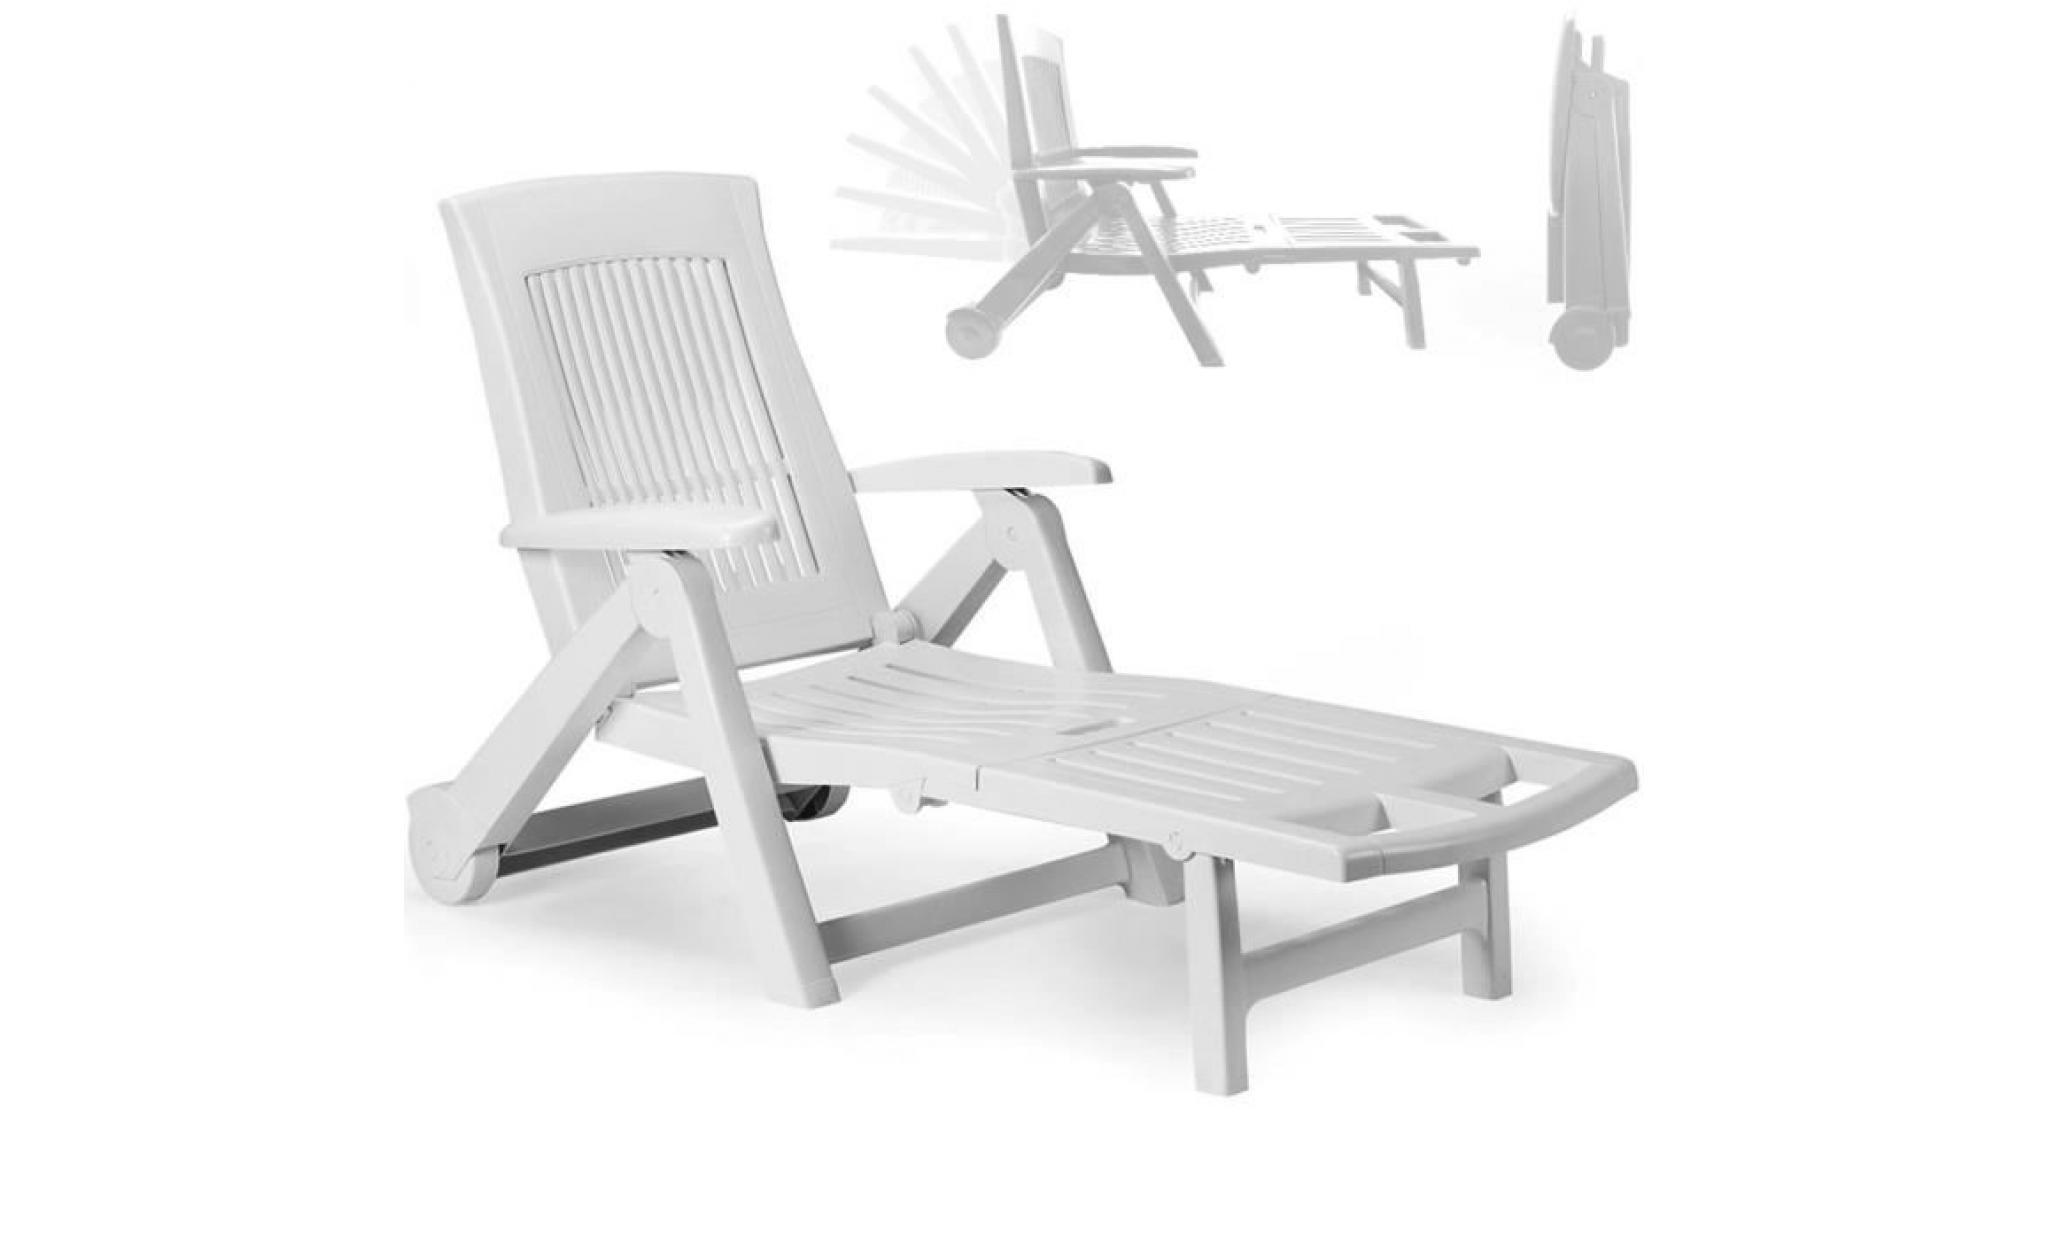 Chaise longue- Pliable PVC blanc Dossier réglable